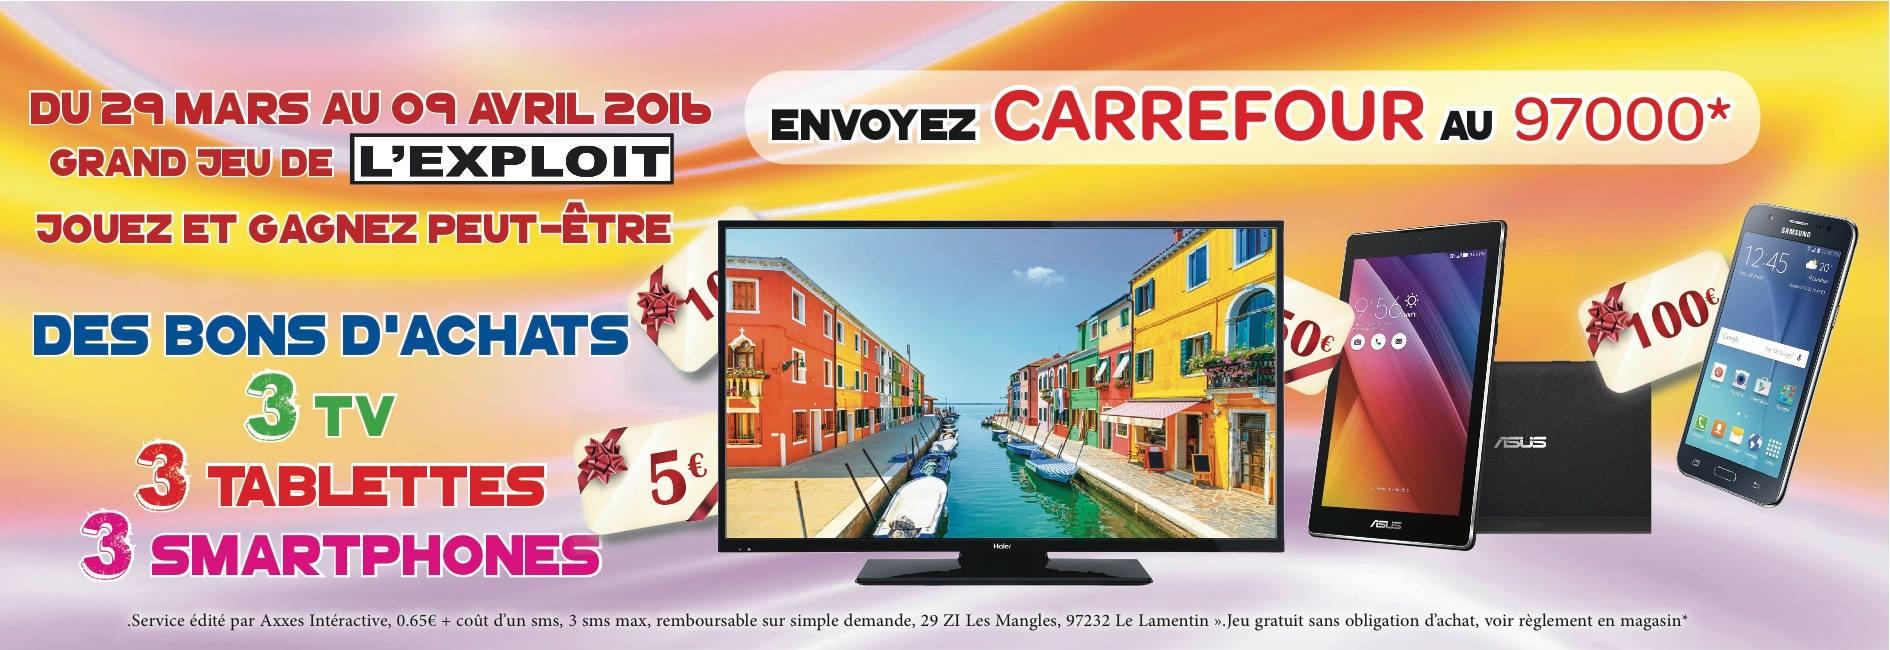 Jeu Carrefour